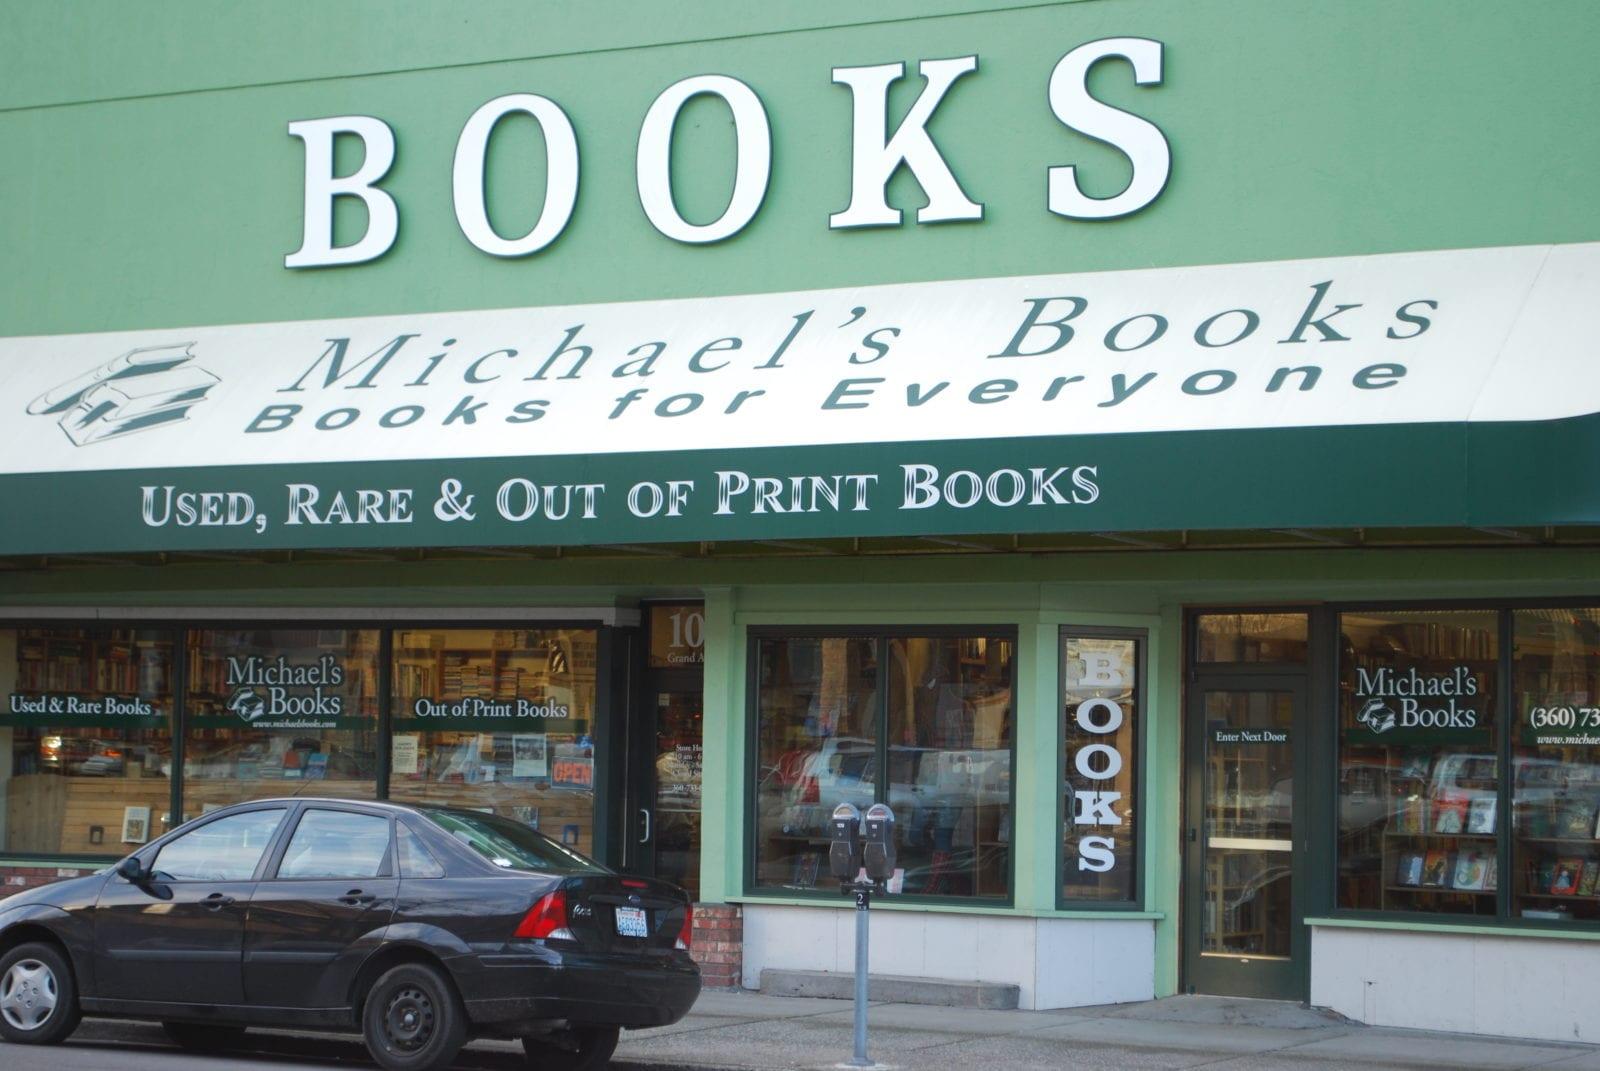 Michael's Books exterior